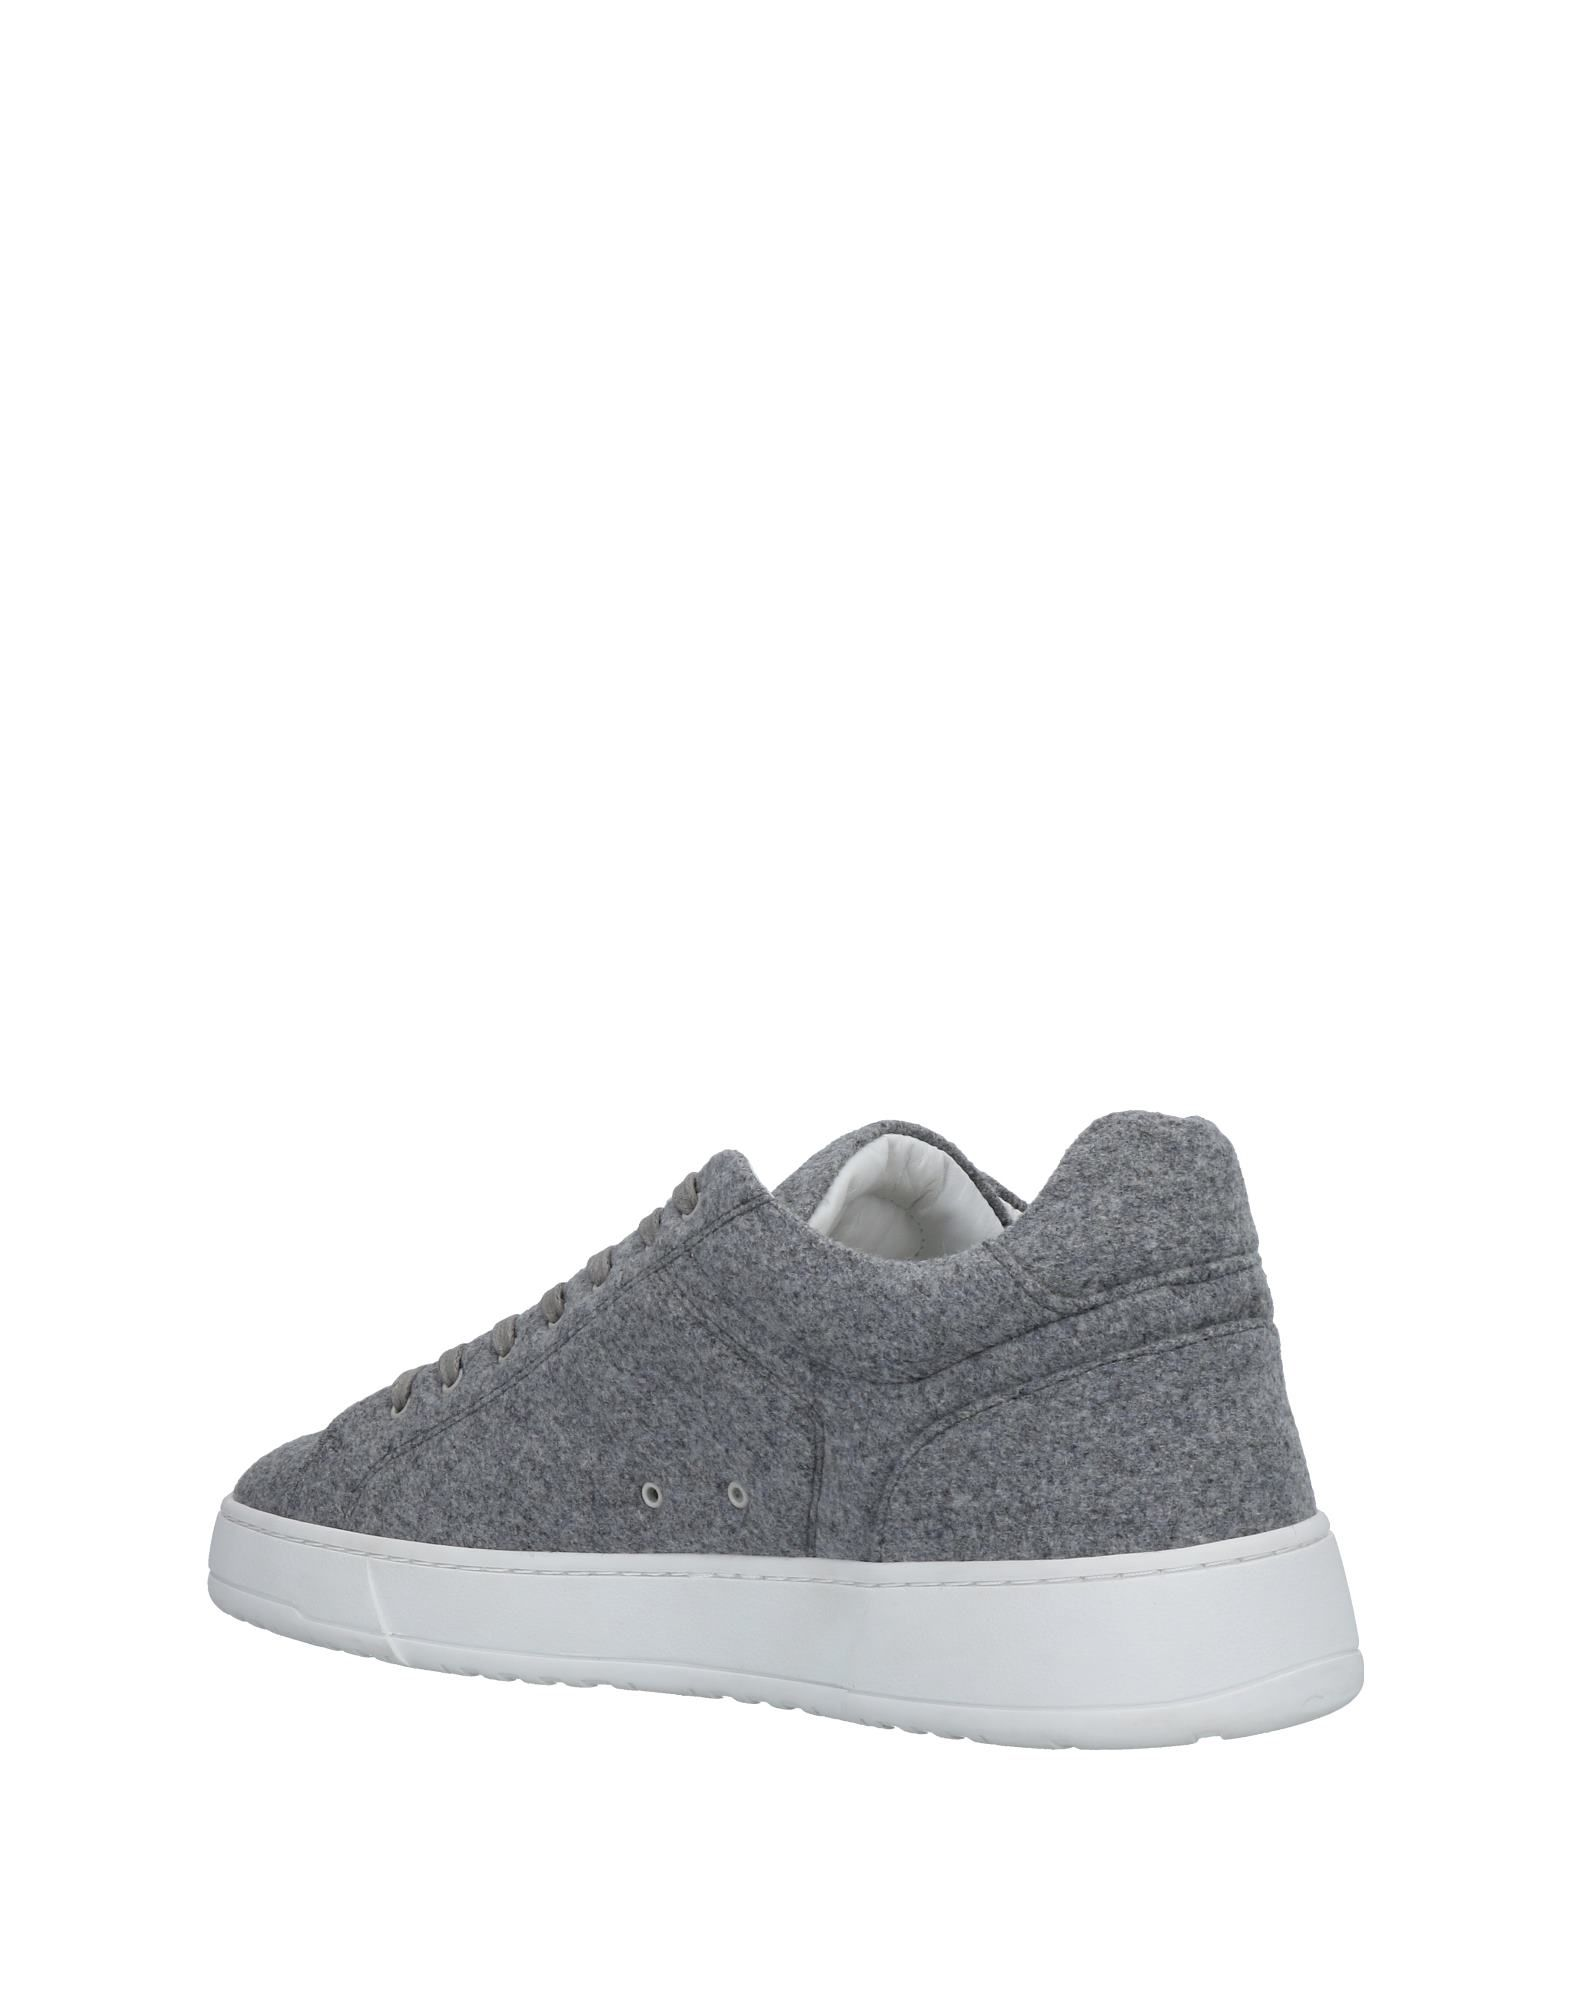 Etq Amsterdam Sneakers Herren  11488139AE Gute Qualität beliebte Schuhe